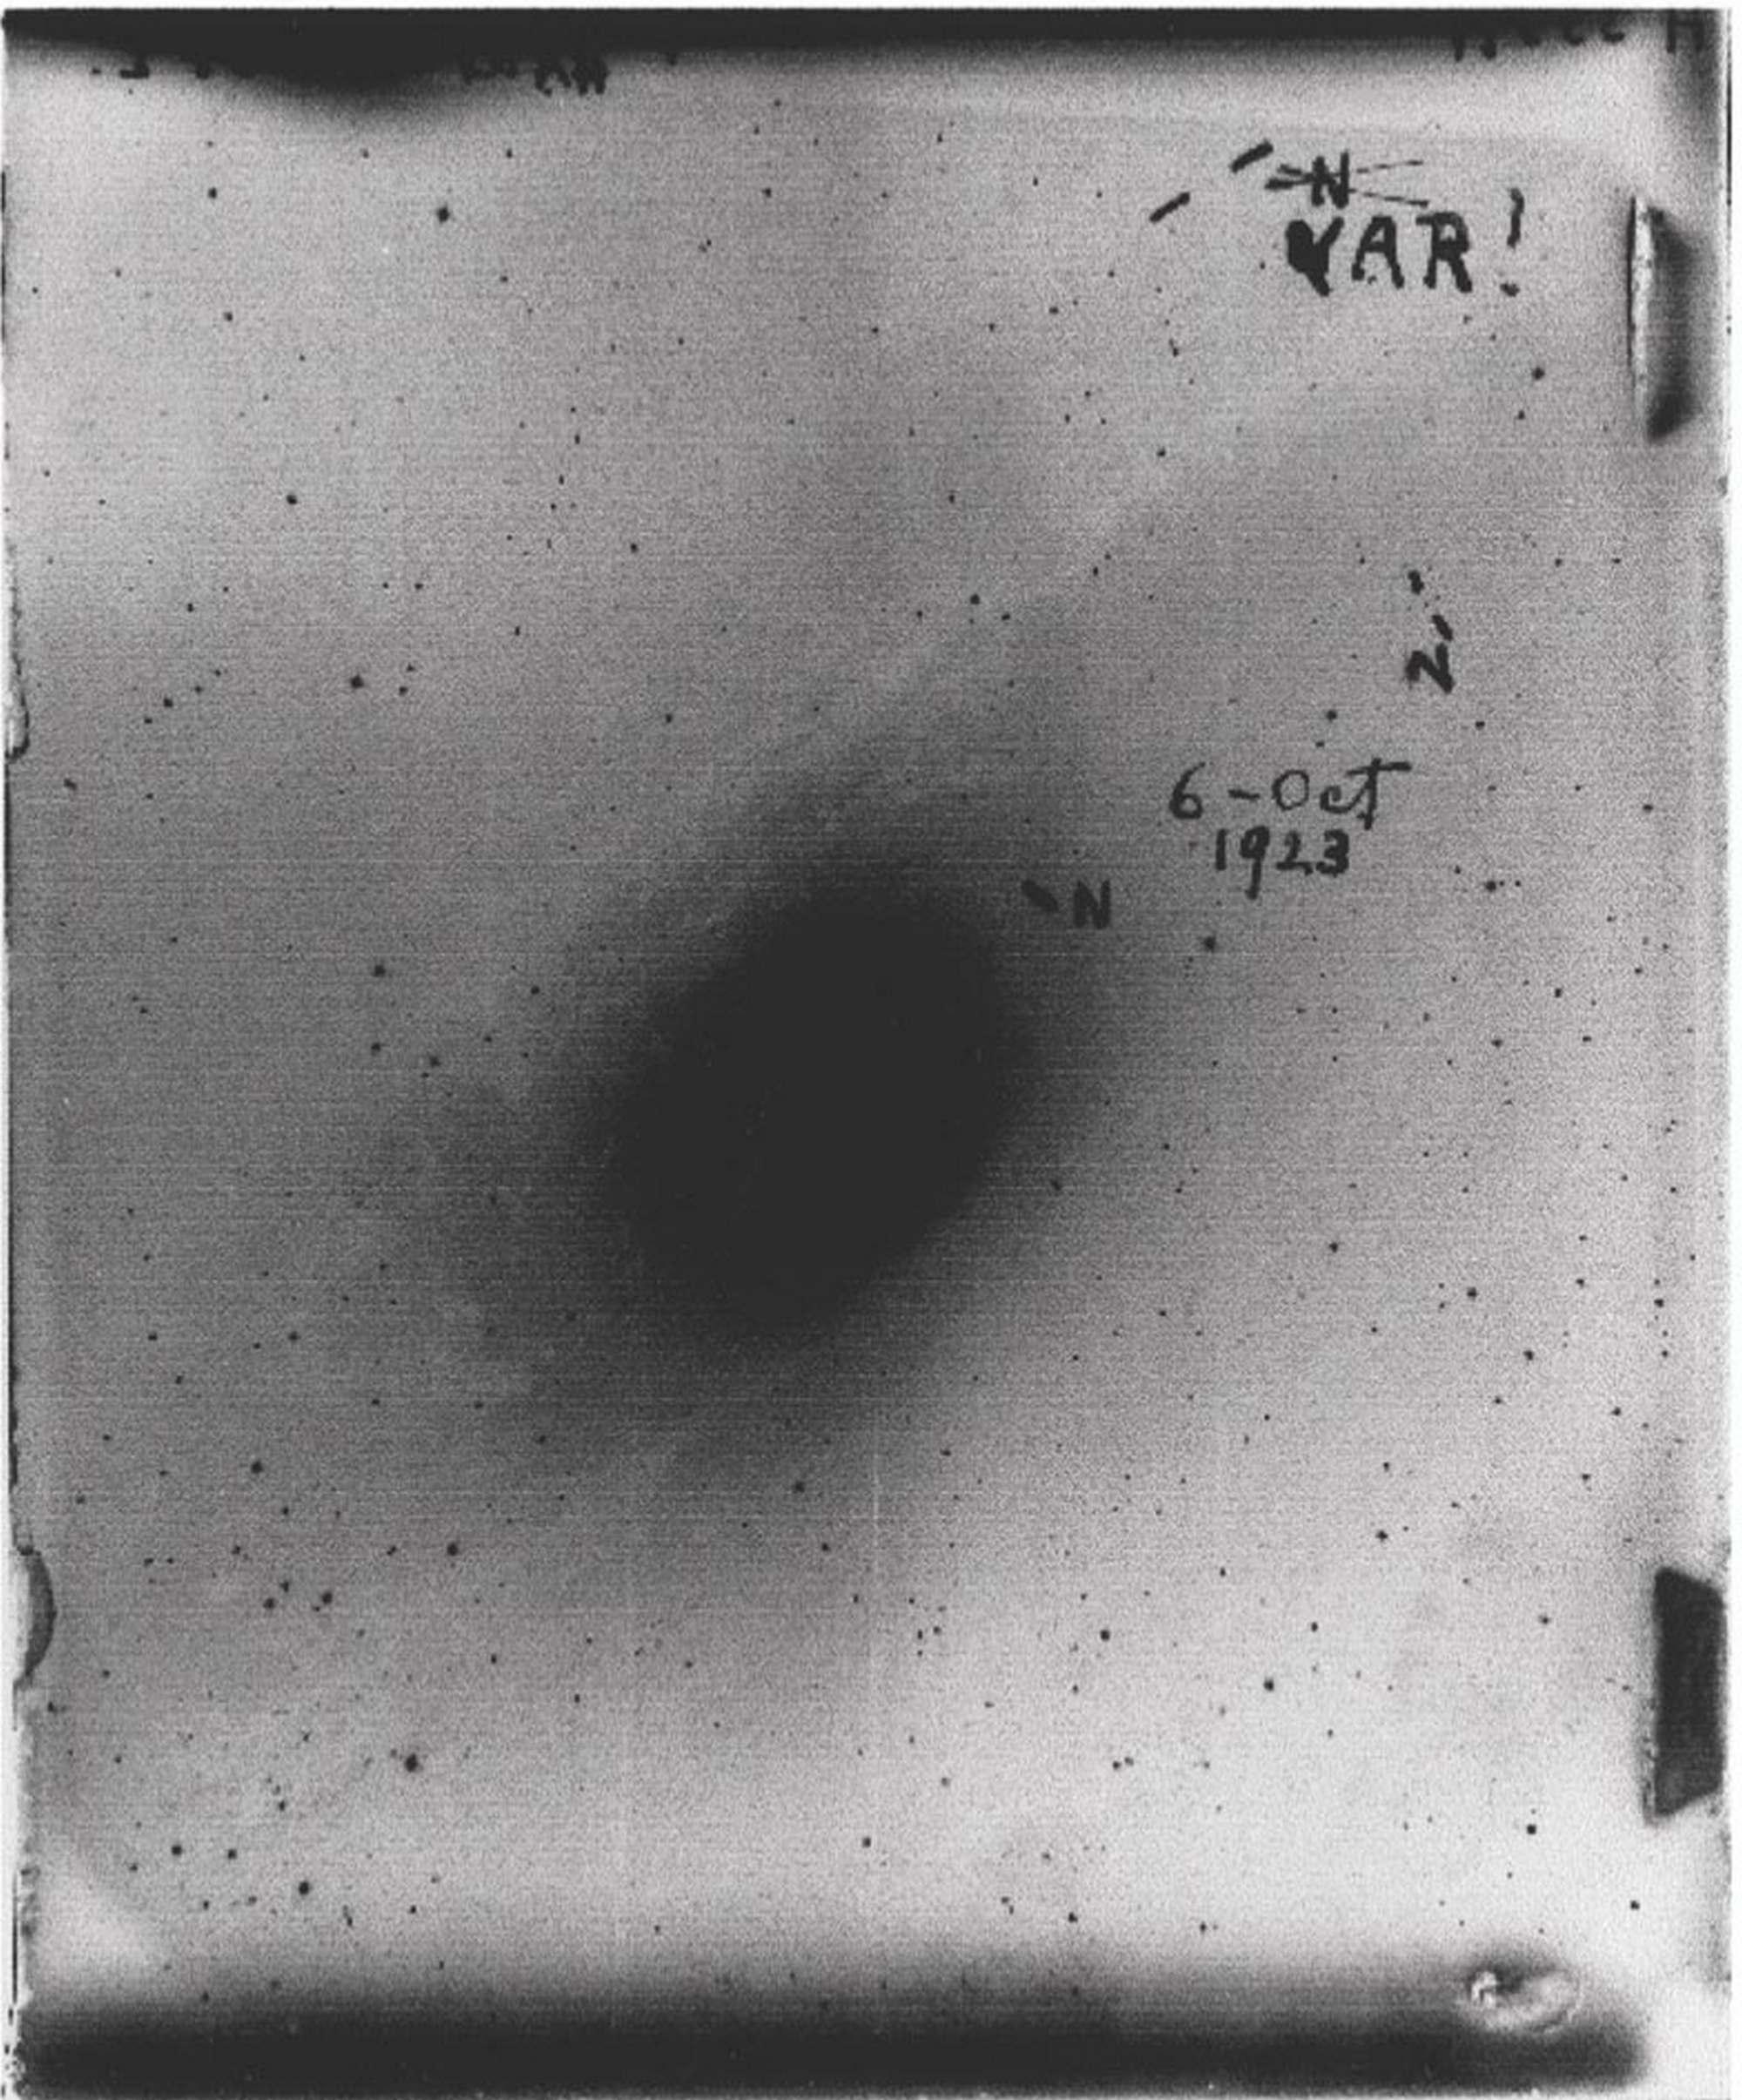 Галактика Туманность Андромеды на фотопластинке Эдвина Хаббла. Хаббл обнаружил, что звезда, первоначально помеченная им как новая (N), на самом деле является переменной (VAR), похожей на хорошо изученные переменные звёзды в нашей Галактике. Хаббл подсчитал расстояние до этой звезды и обнаружил, что она была гораздо дальше, чем все известные звёзды. Из этого следовало, что «туманность» Андромеды является отдельной галактикой (Pearson Education / Addison-Wesley).